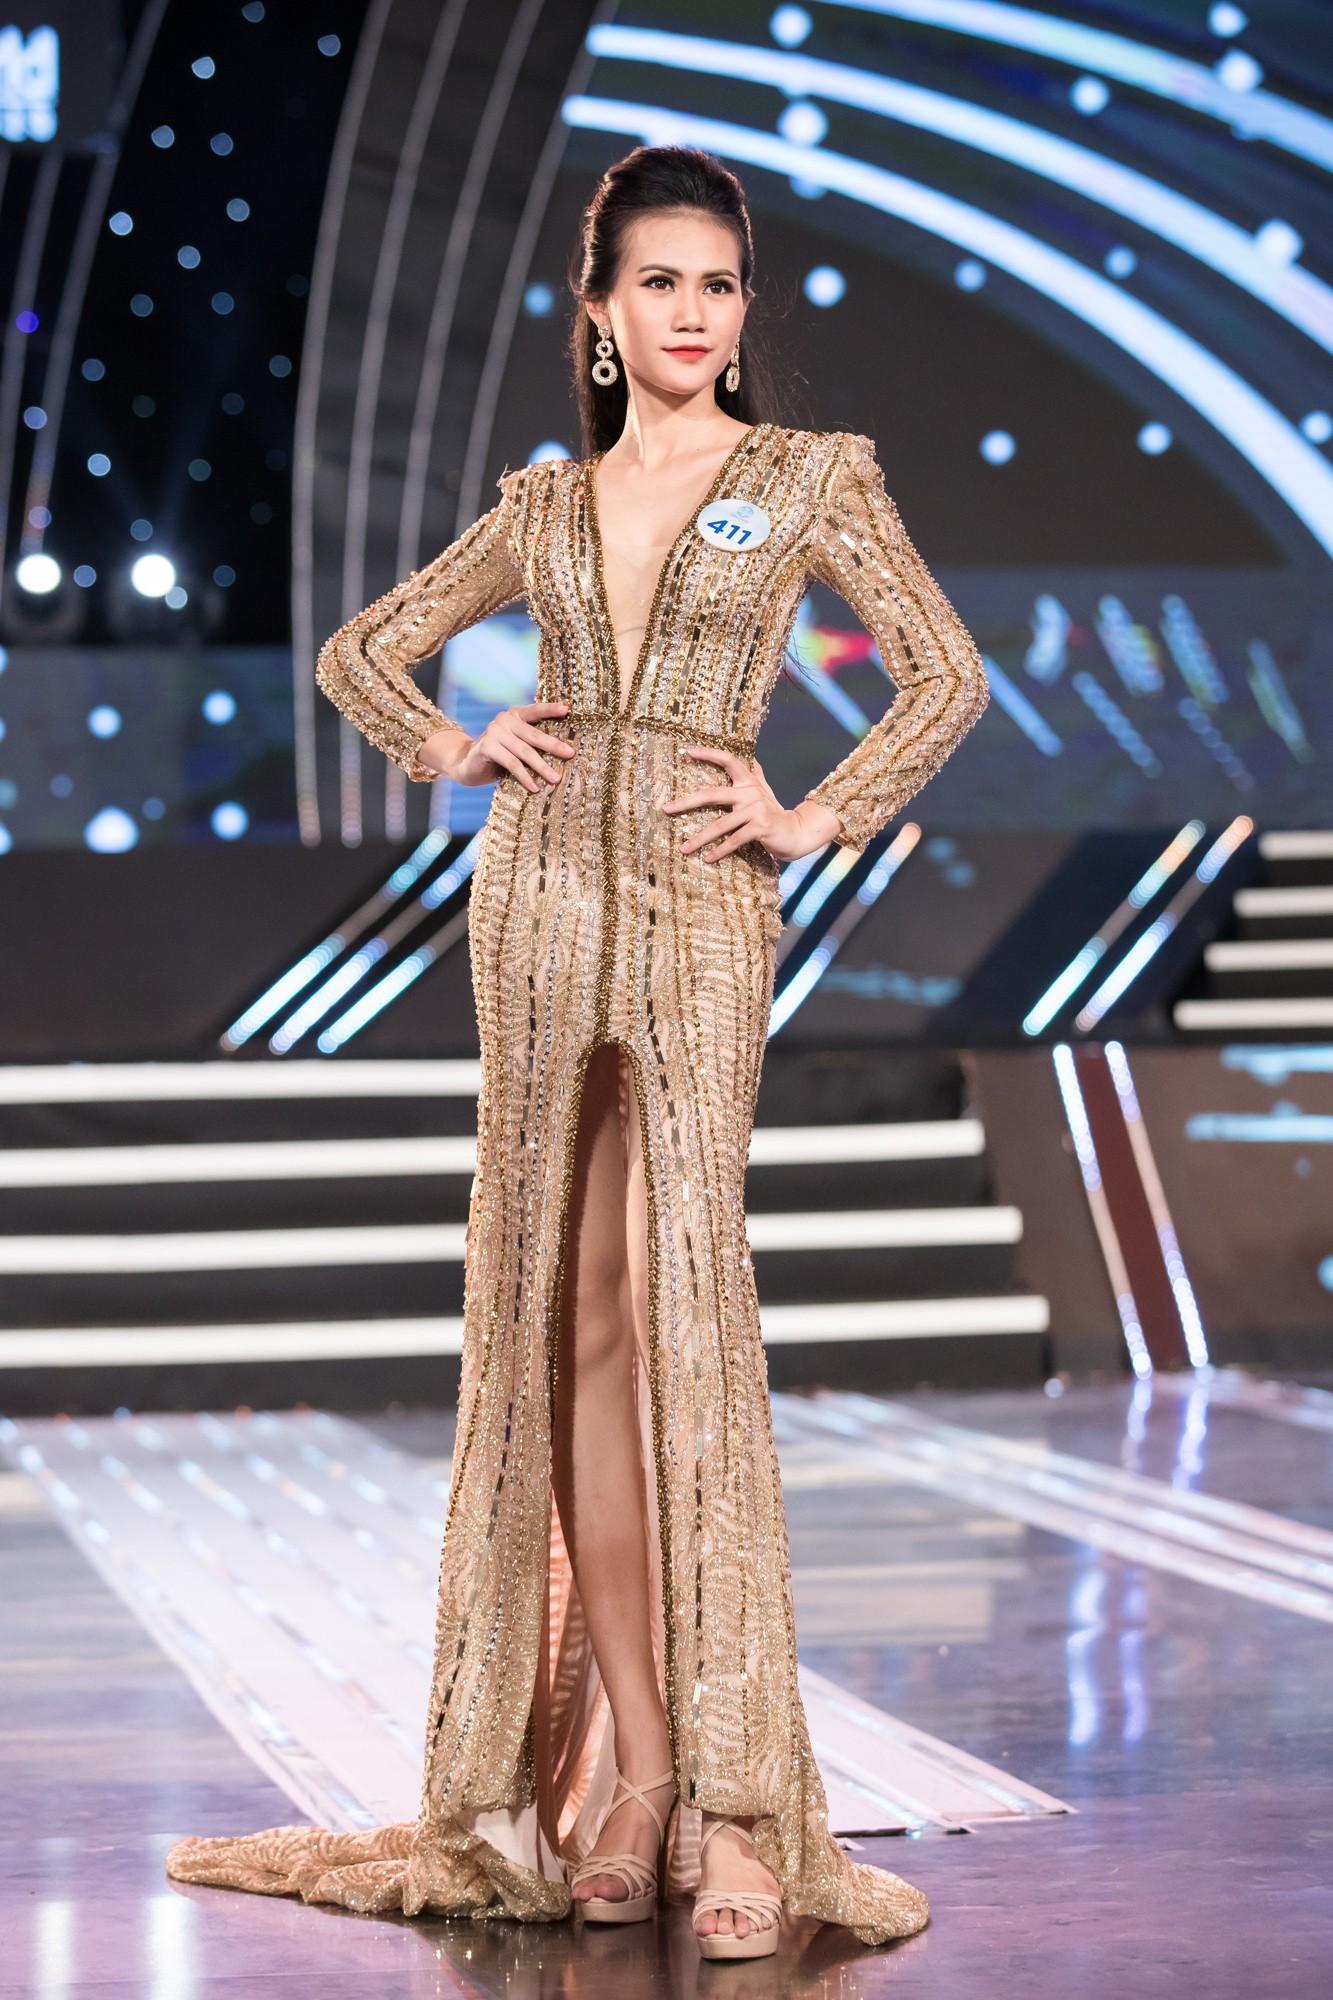 Chính thức lộ diện 20 chiến binh tiếp theo bước vào vòng chung kết Miss World Việt Nam 2019 - Ảnh 4.